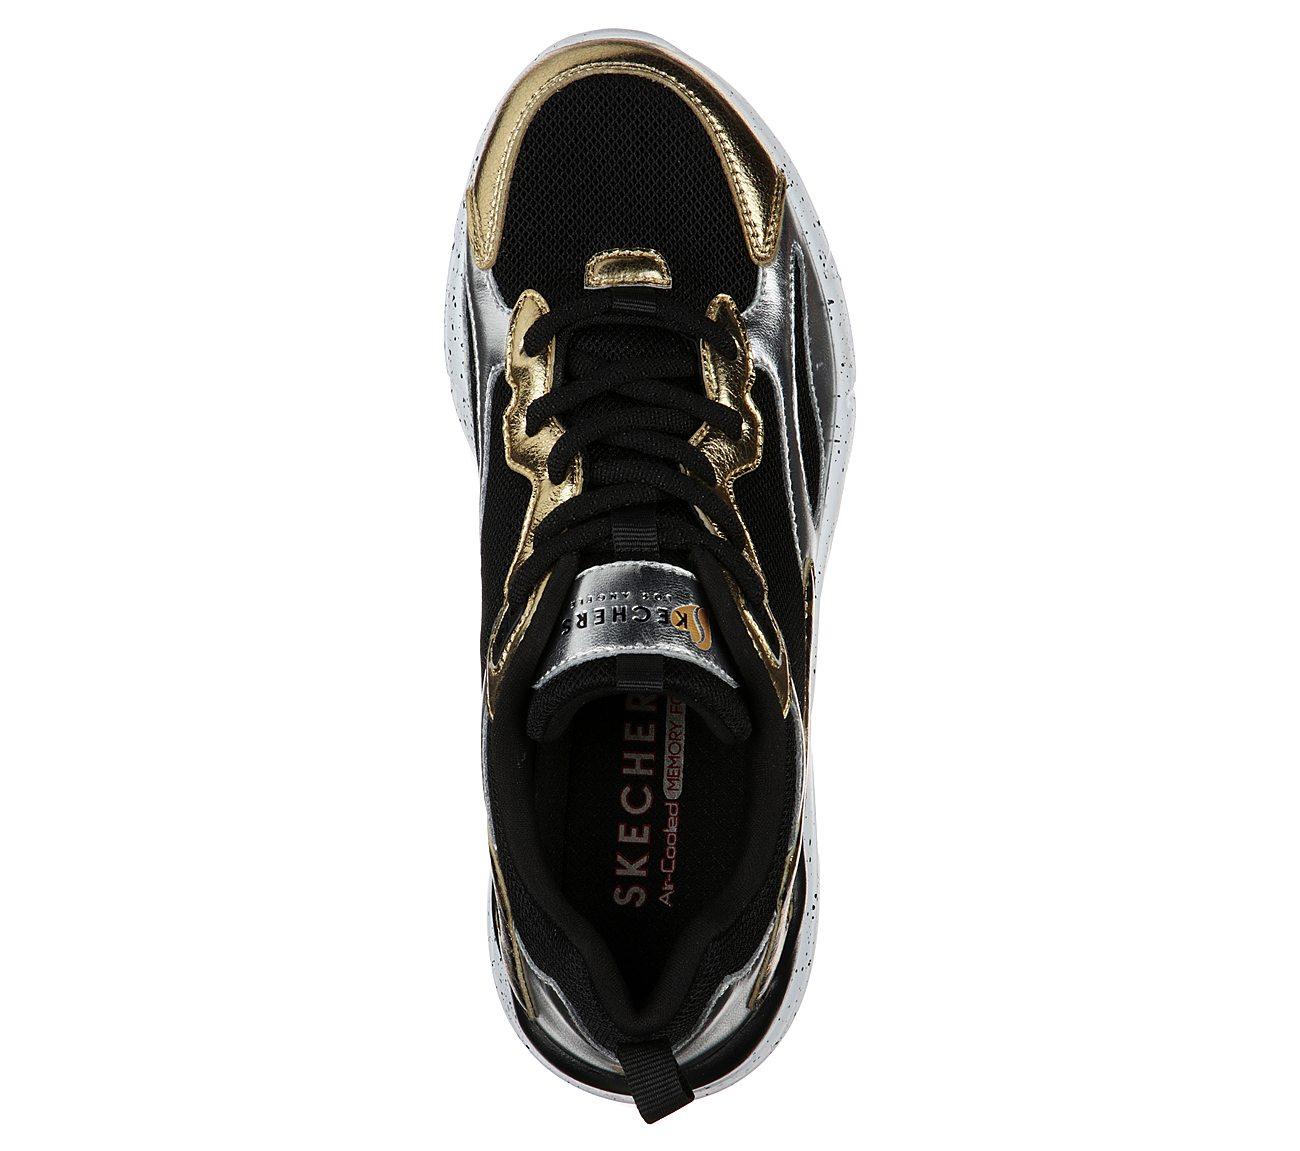 Skechers Women's Skechers Primo Dazzling Duo Sneaker BlackSilverGold Sneakers from shoes   ShapeShop